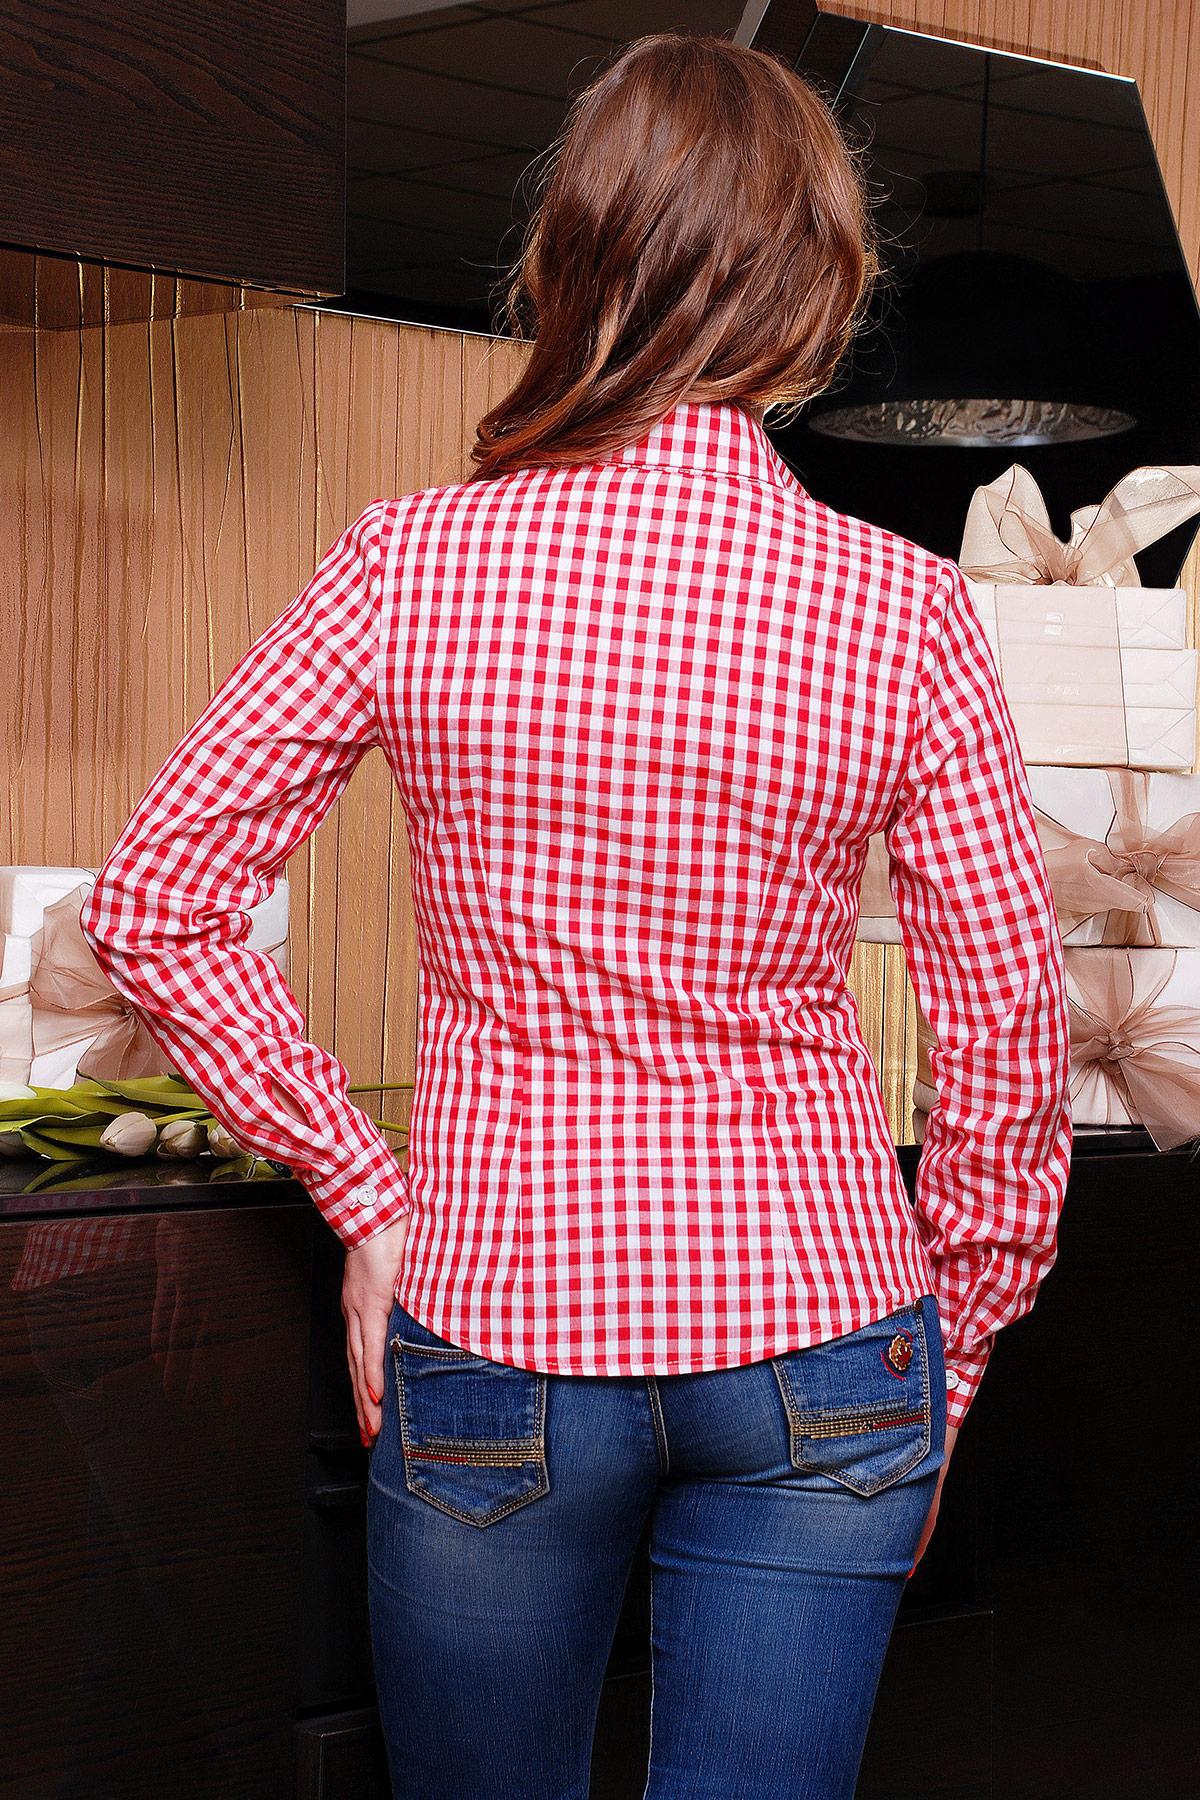 женская трикотажная красная блуза в белую клетку. блуза Шериф д/р. Цвет: красный-клетка